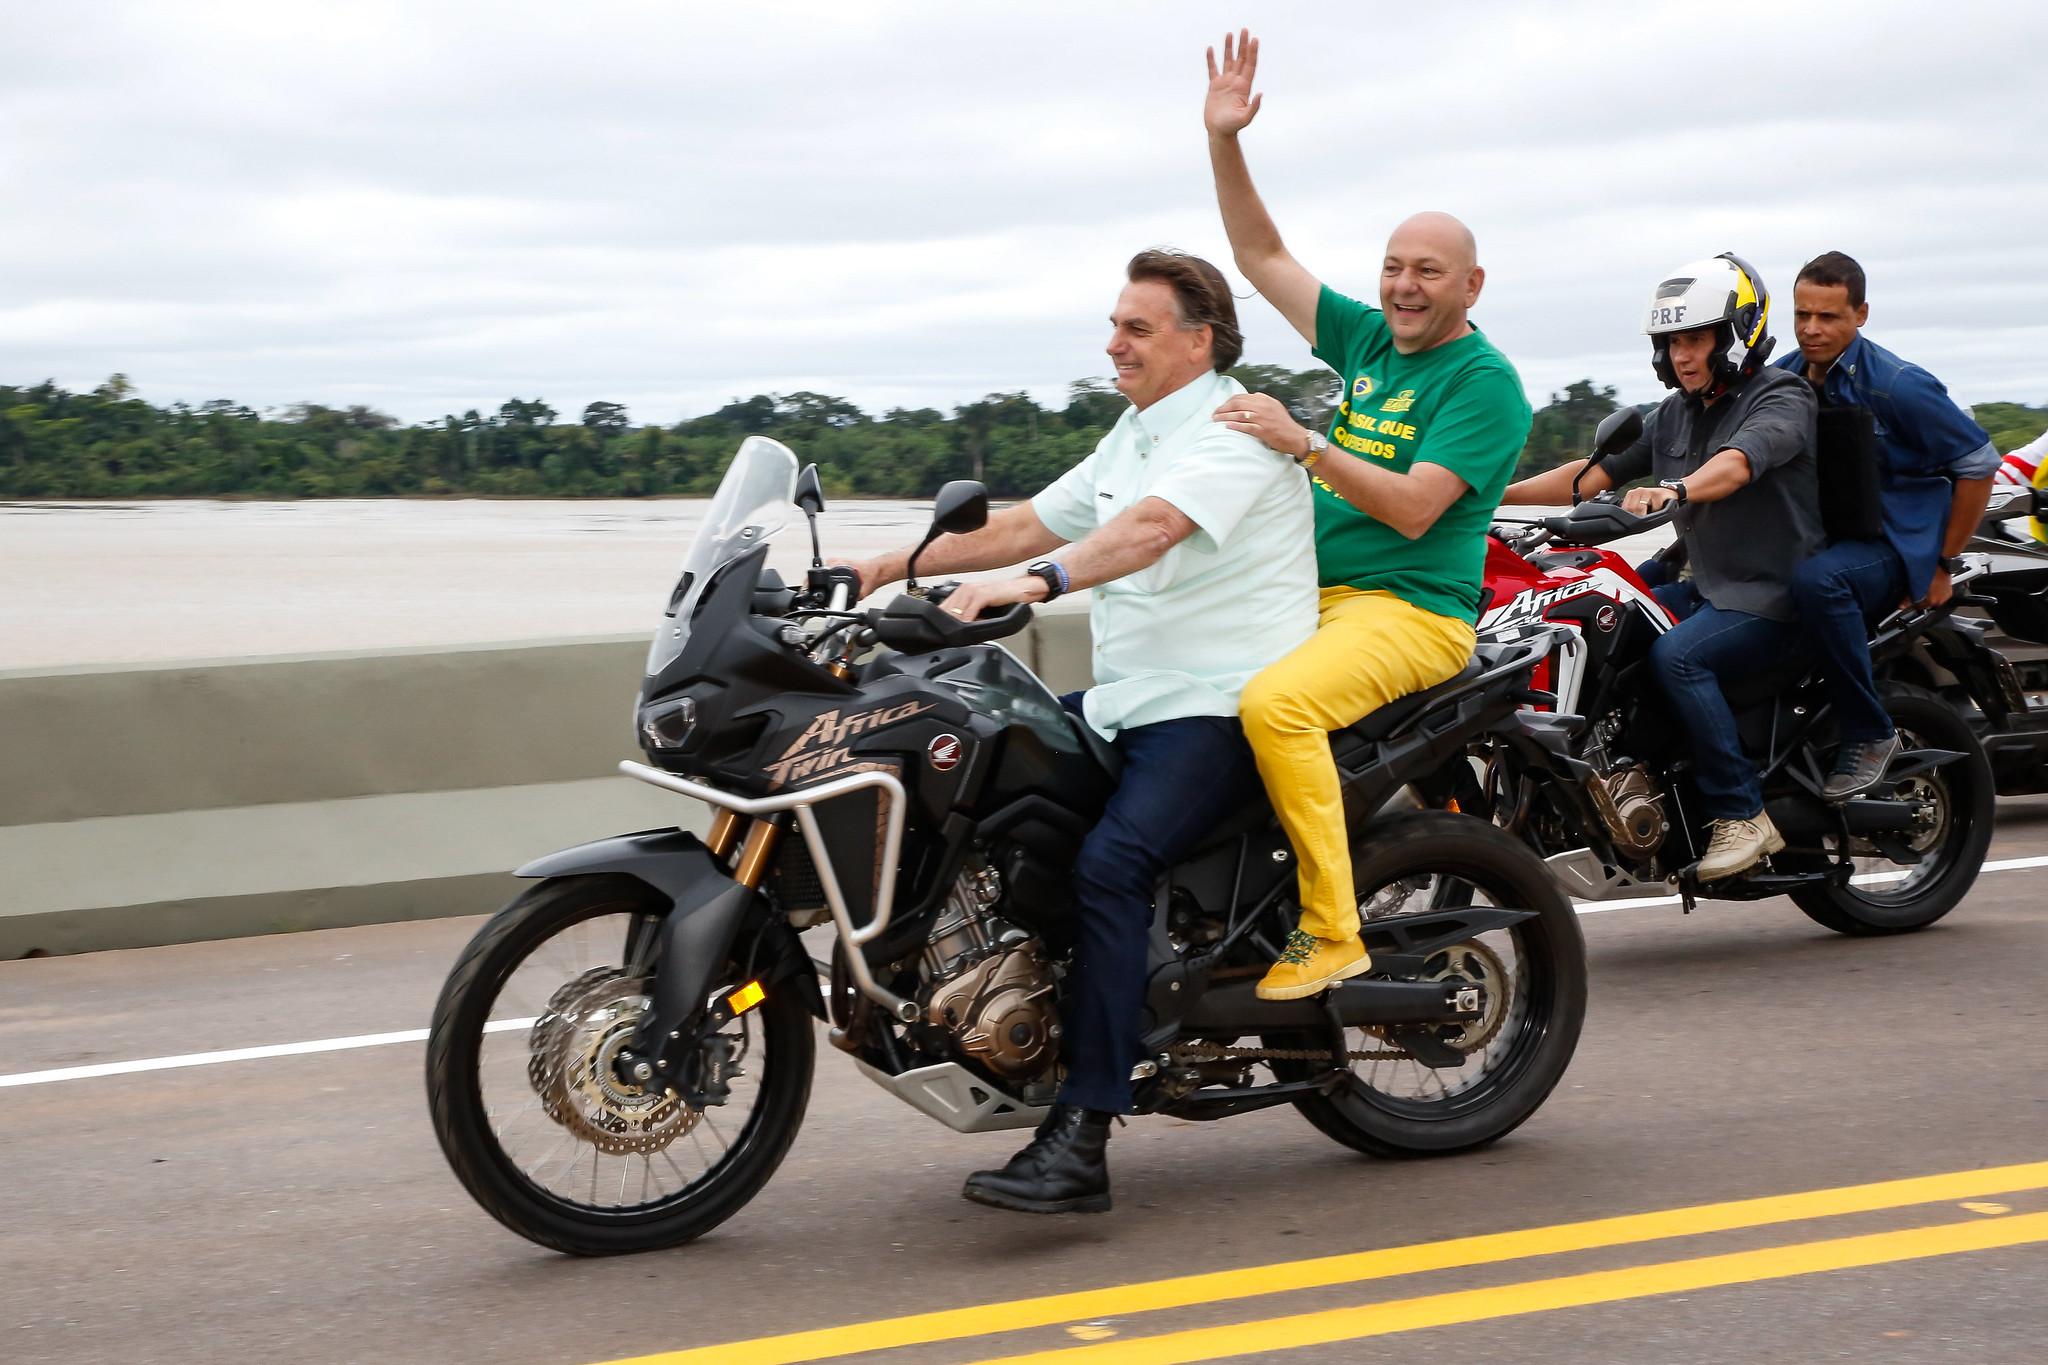 presidente bolsonaro pilota moto sem capacete